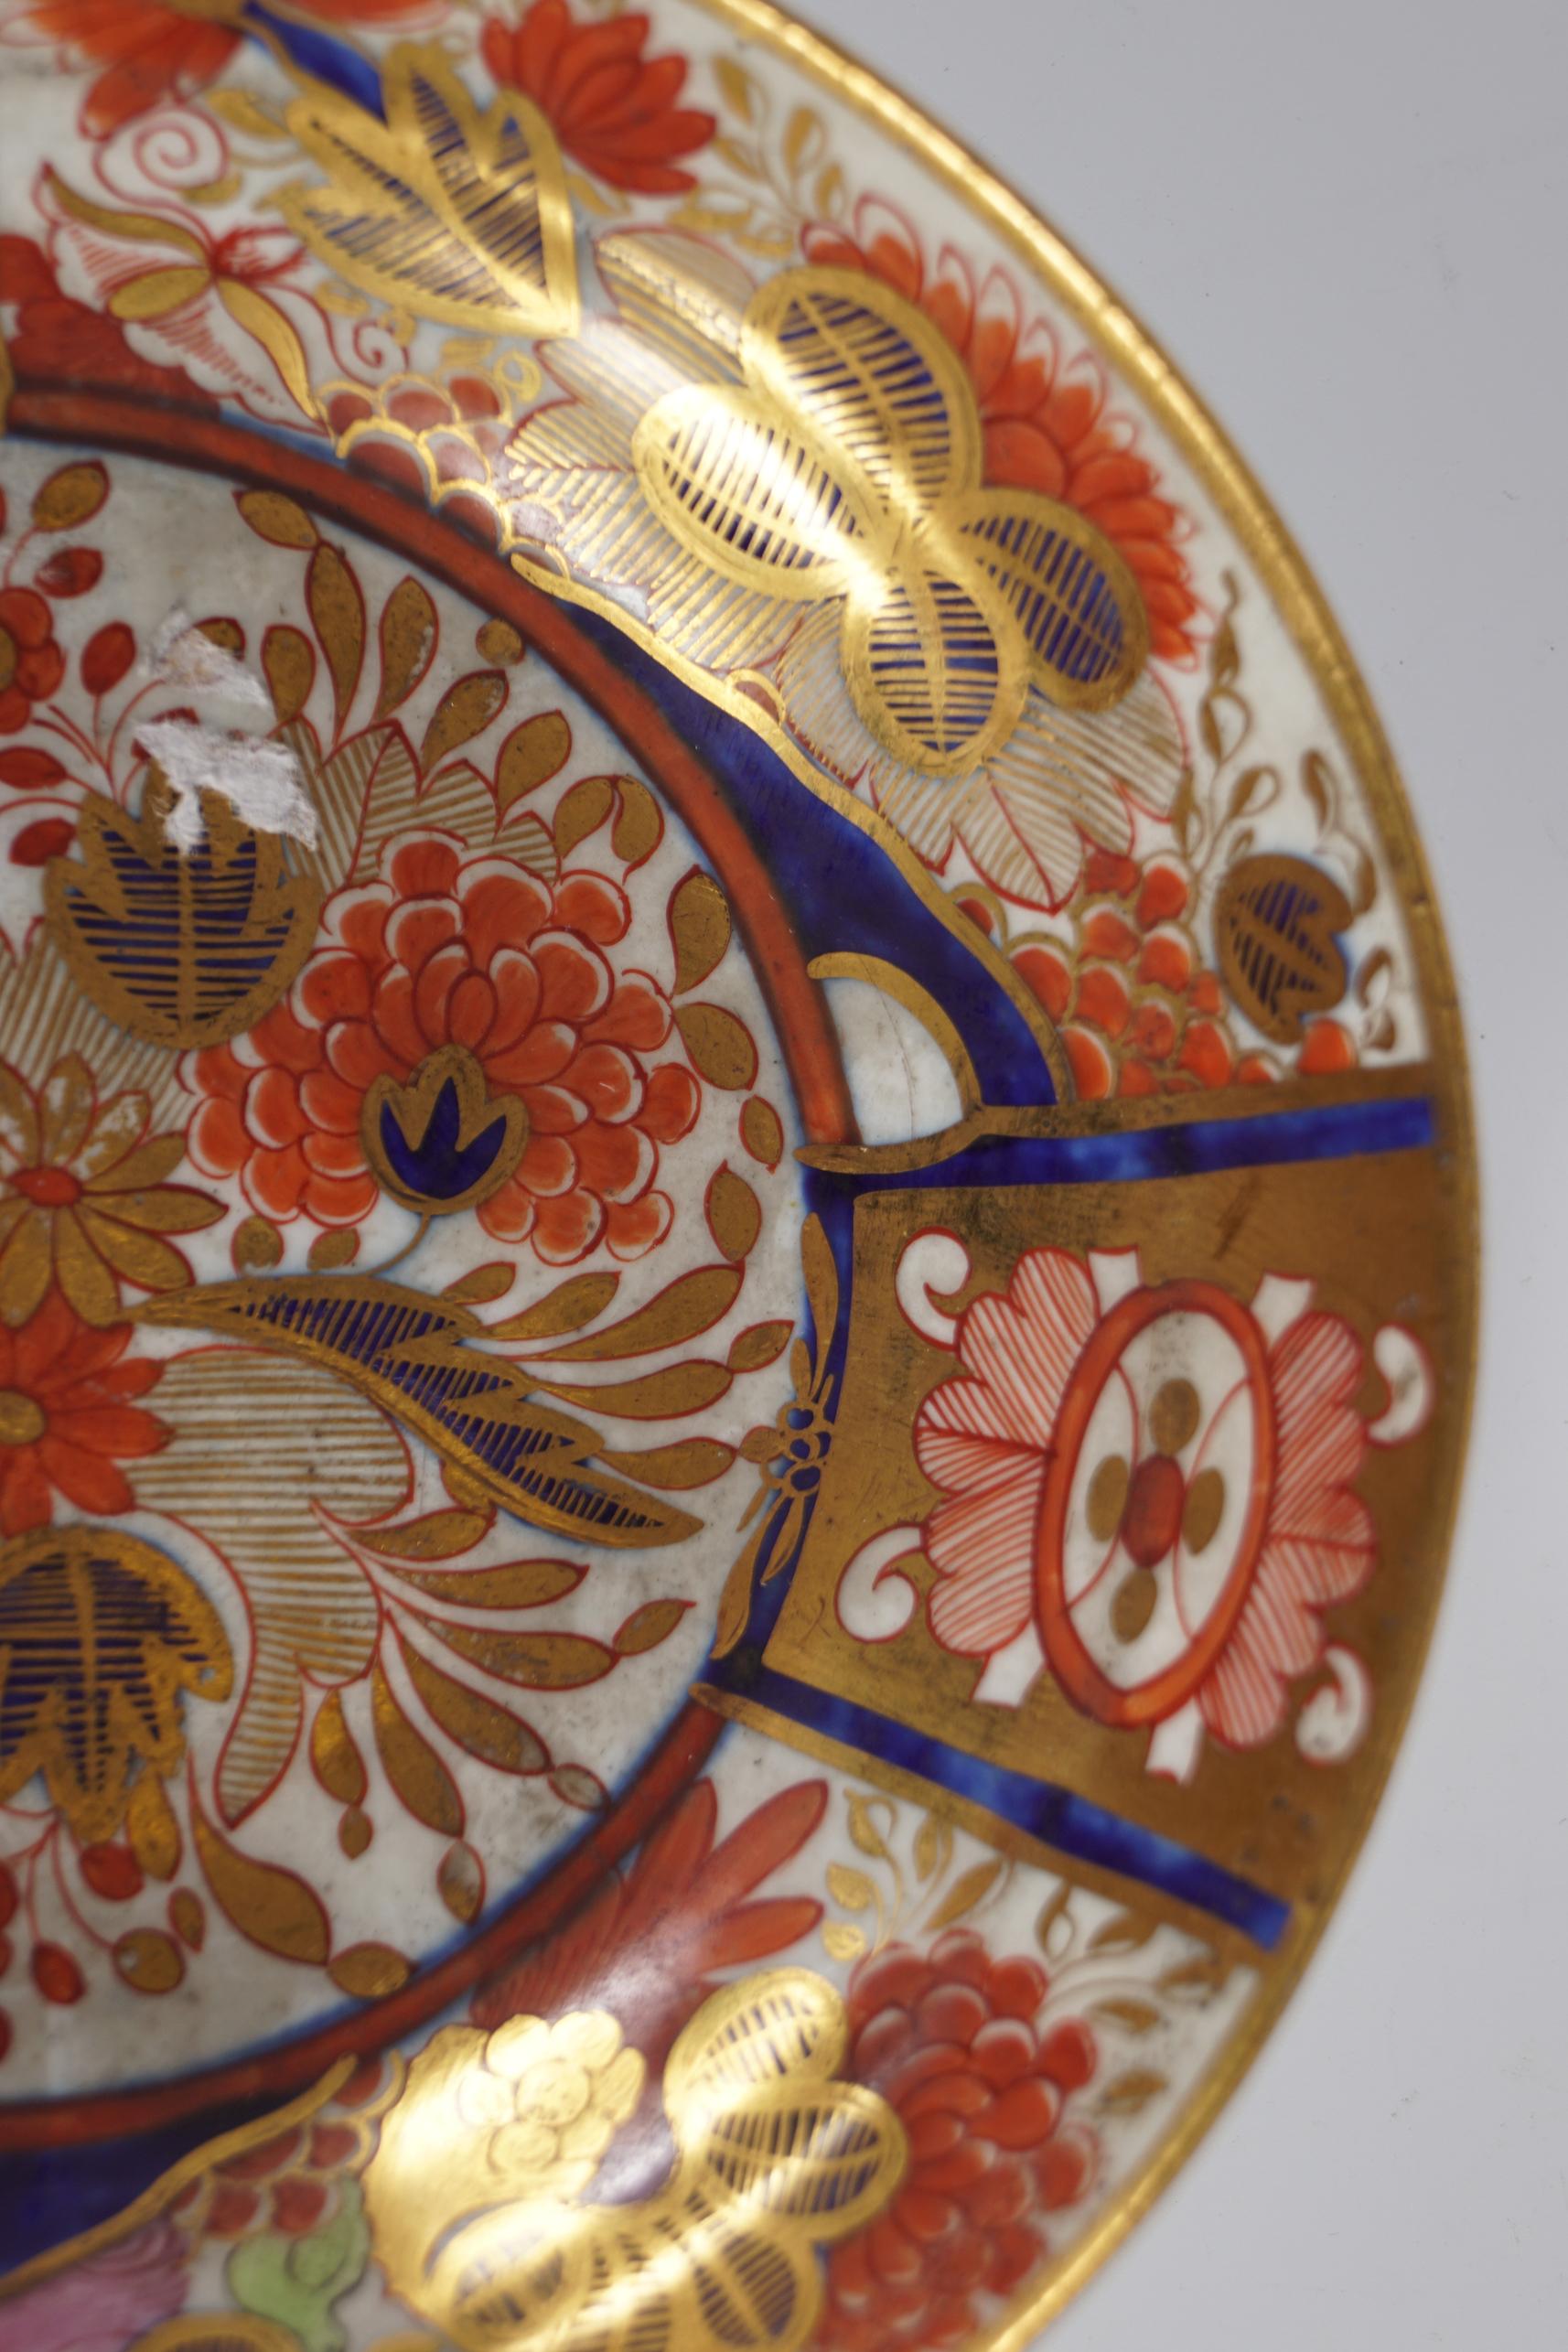 JAPANESE IMARI DISH - Image 2 of 3